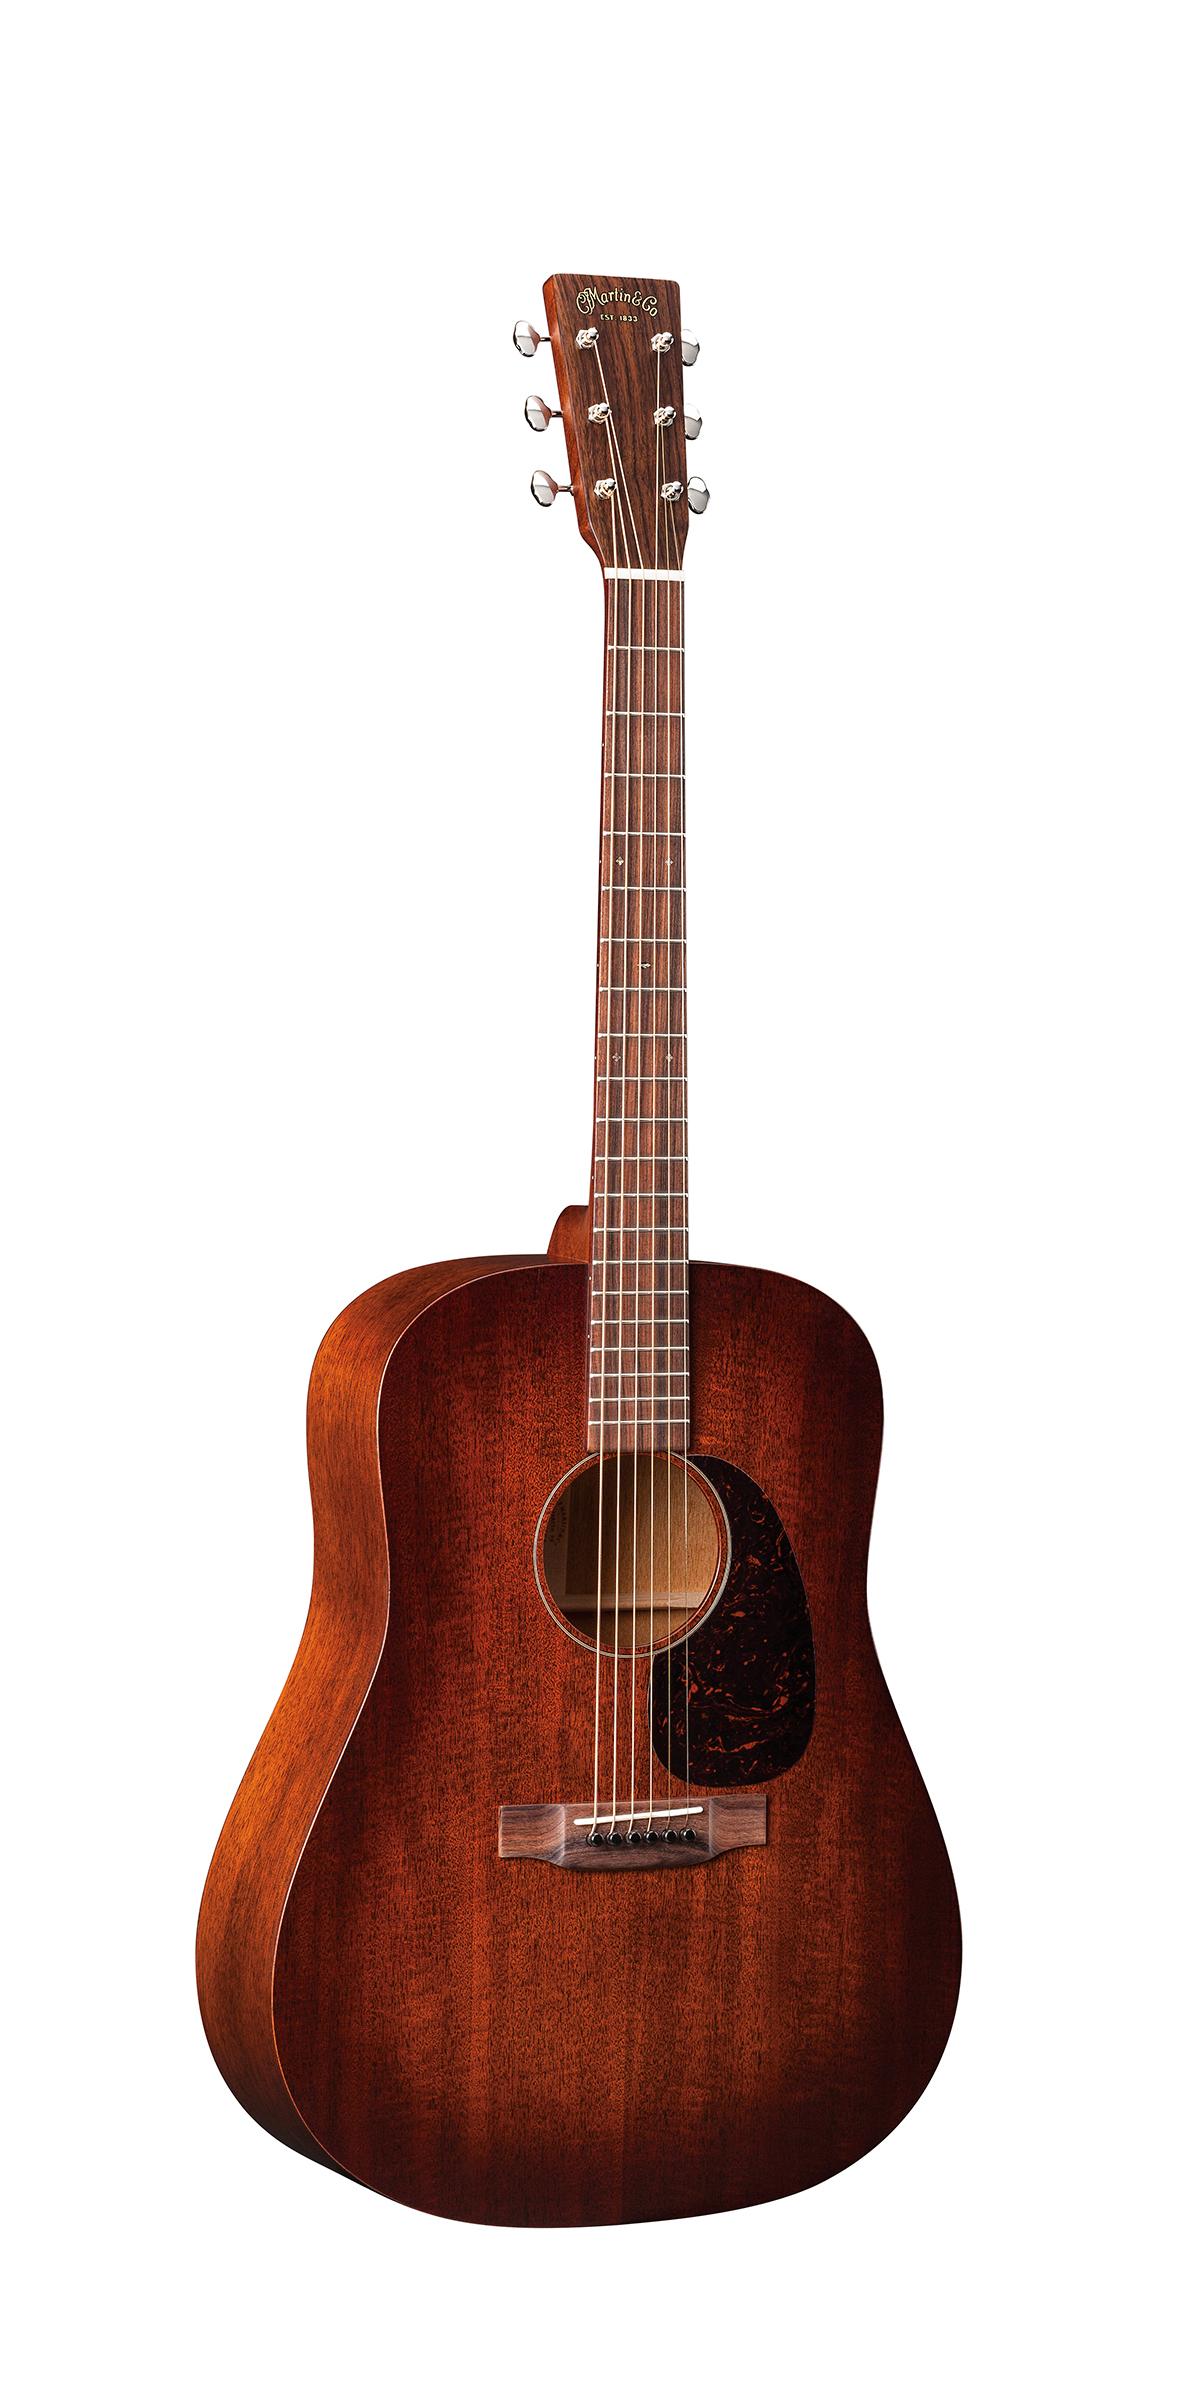 Billede af Martin D-15M-Burst western-guitar mahoganyburst